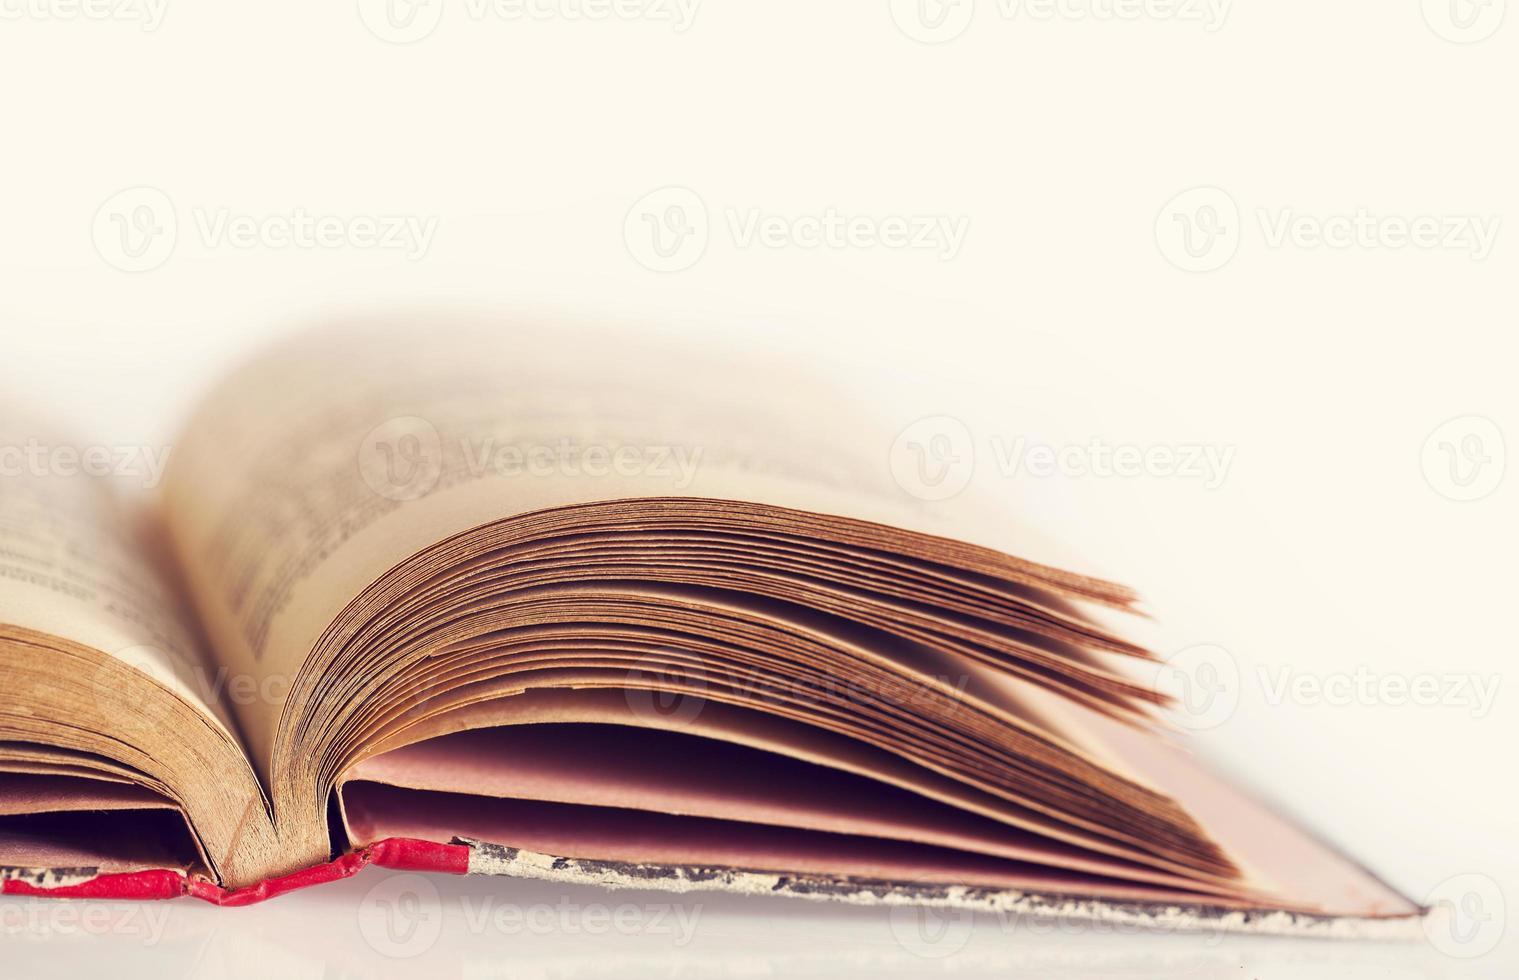 viejo libro de tapa dura foto